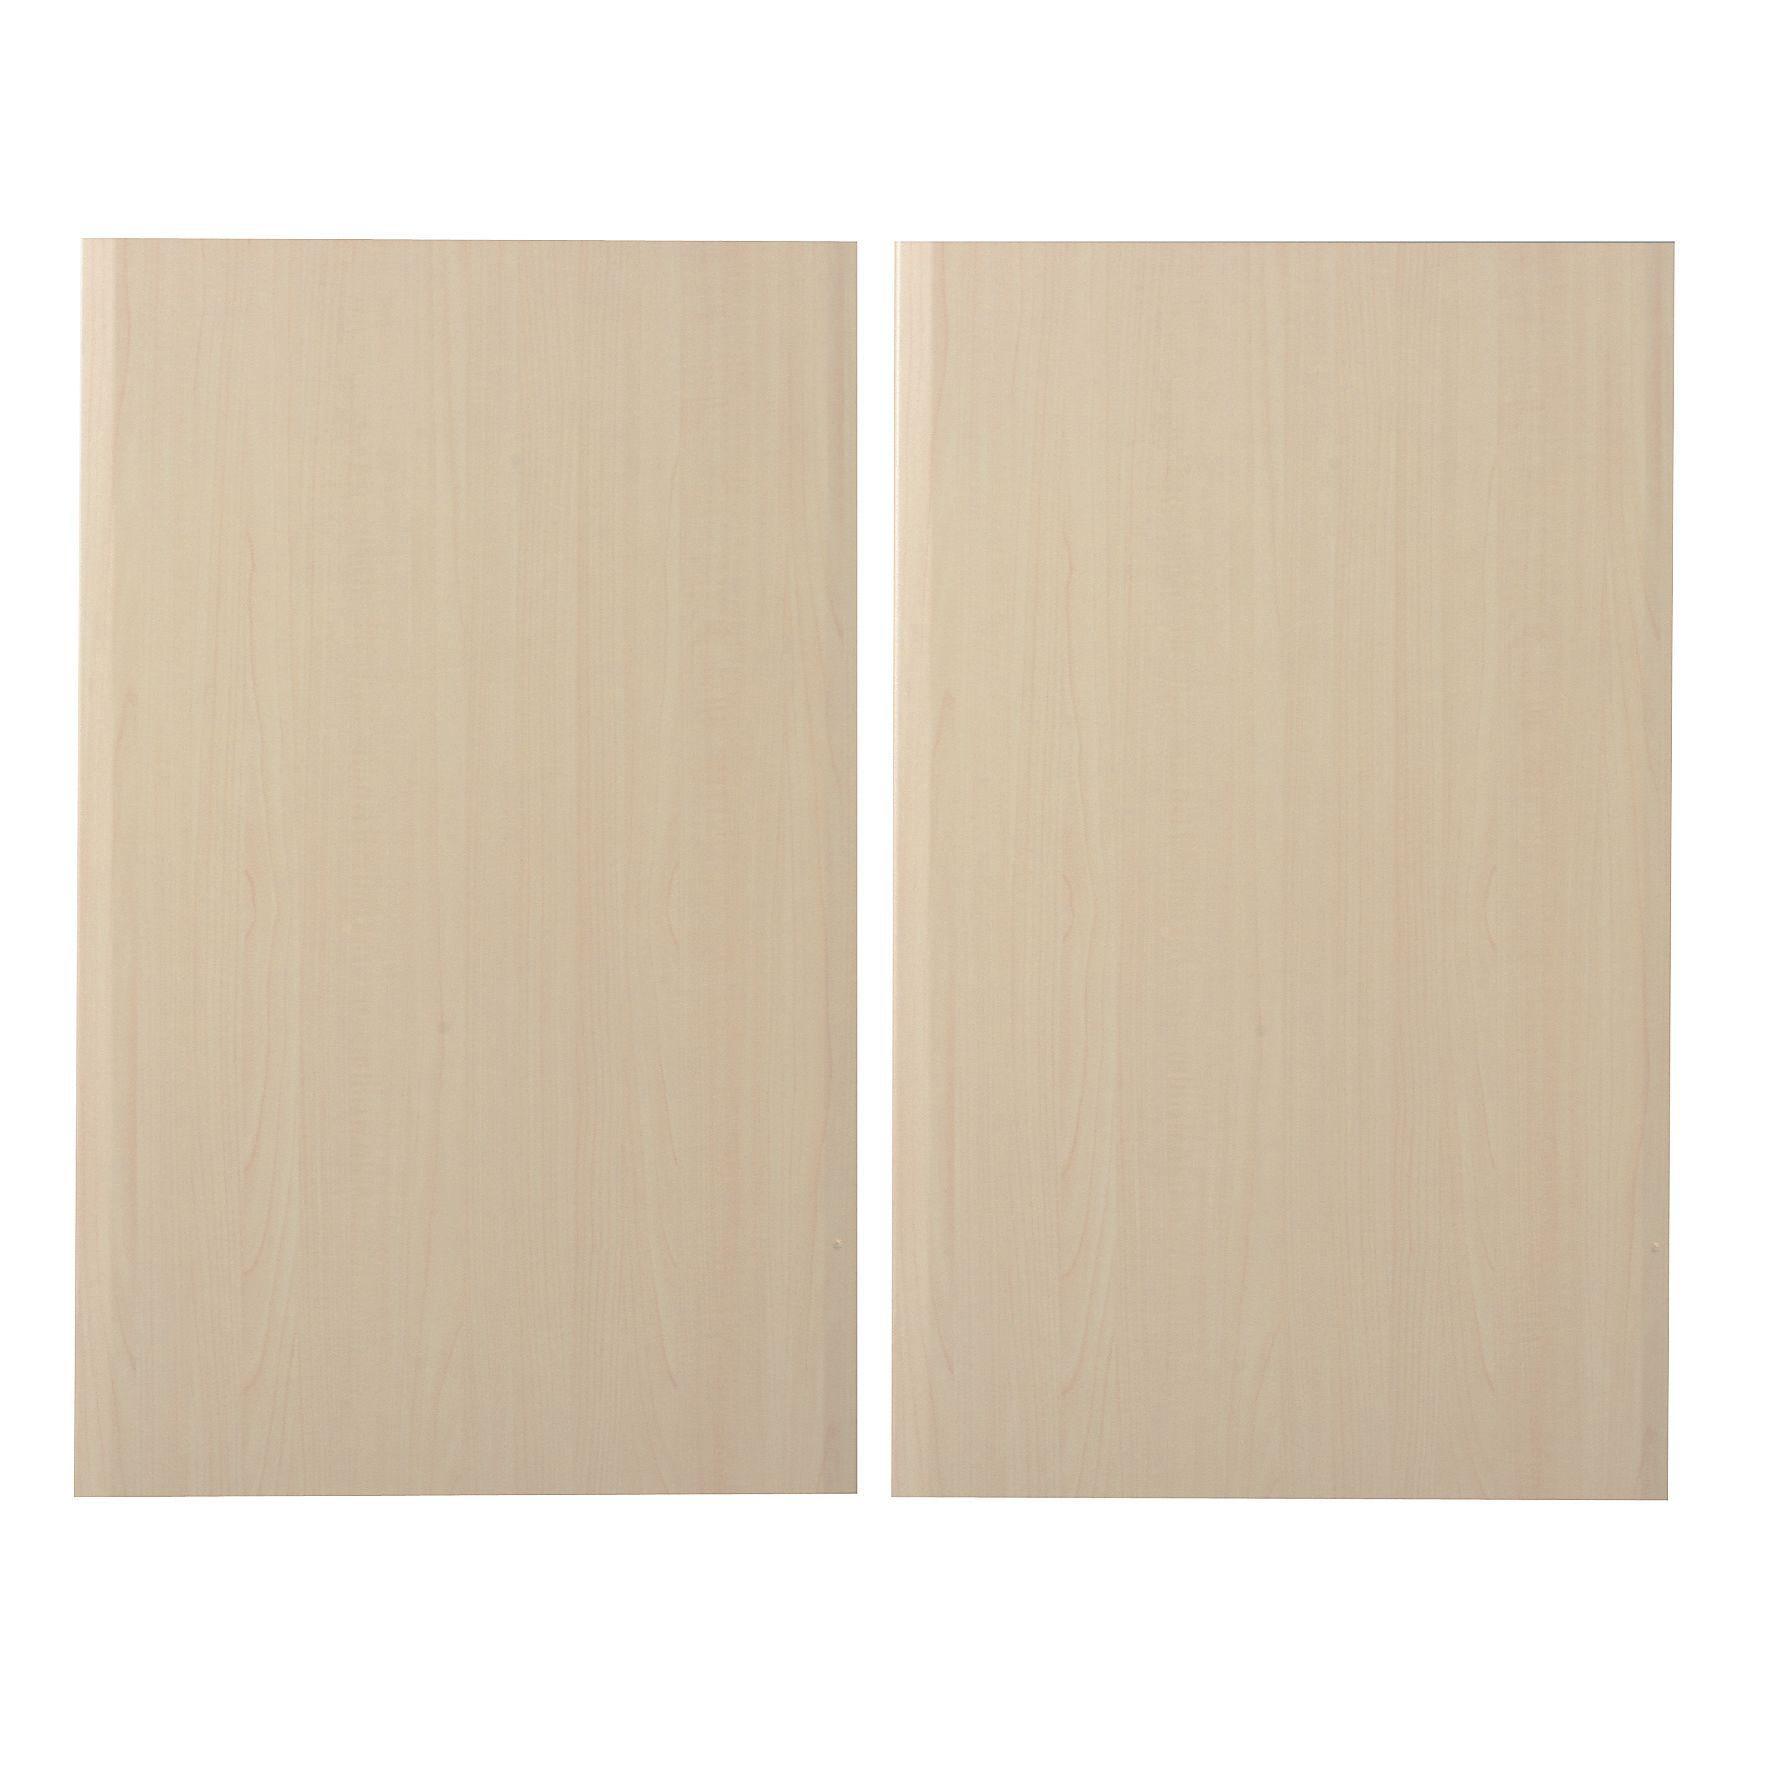 It Kitchens Sandford Maple Effect Modern Larder Door (w)600mm, Set Of 2